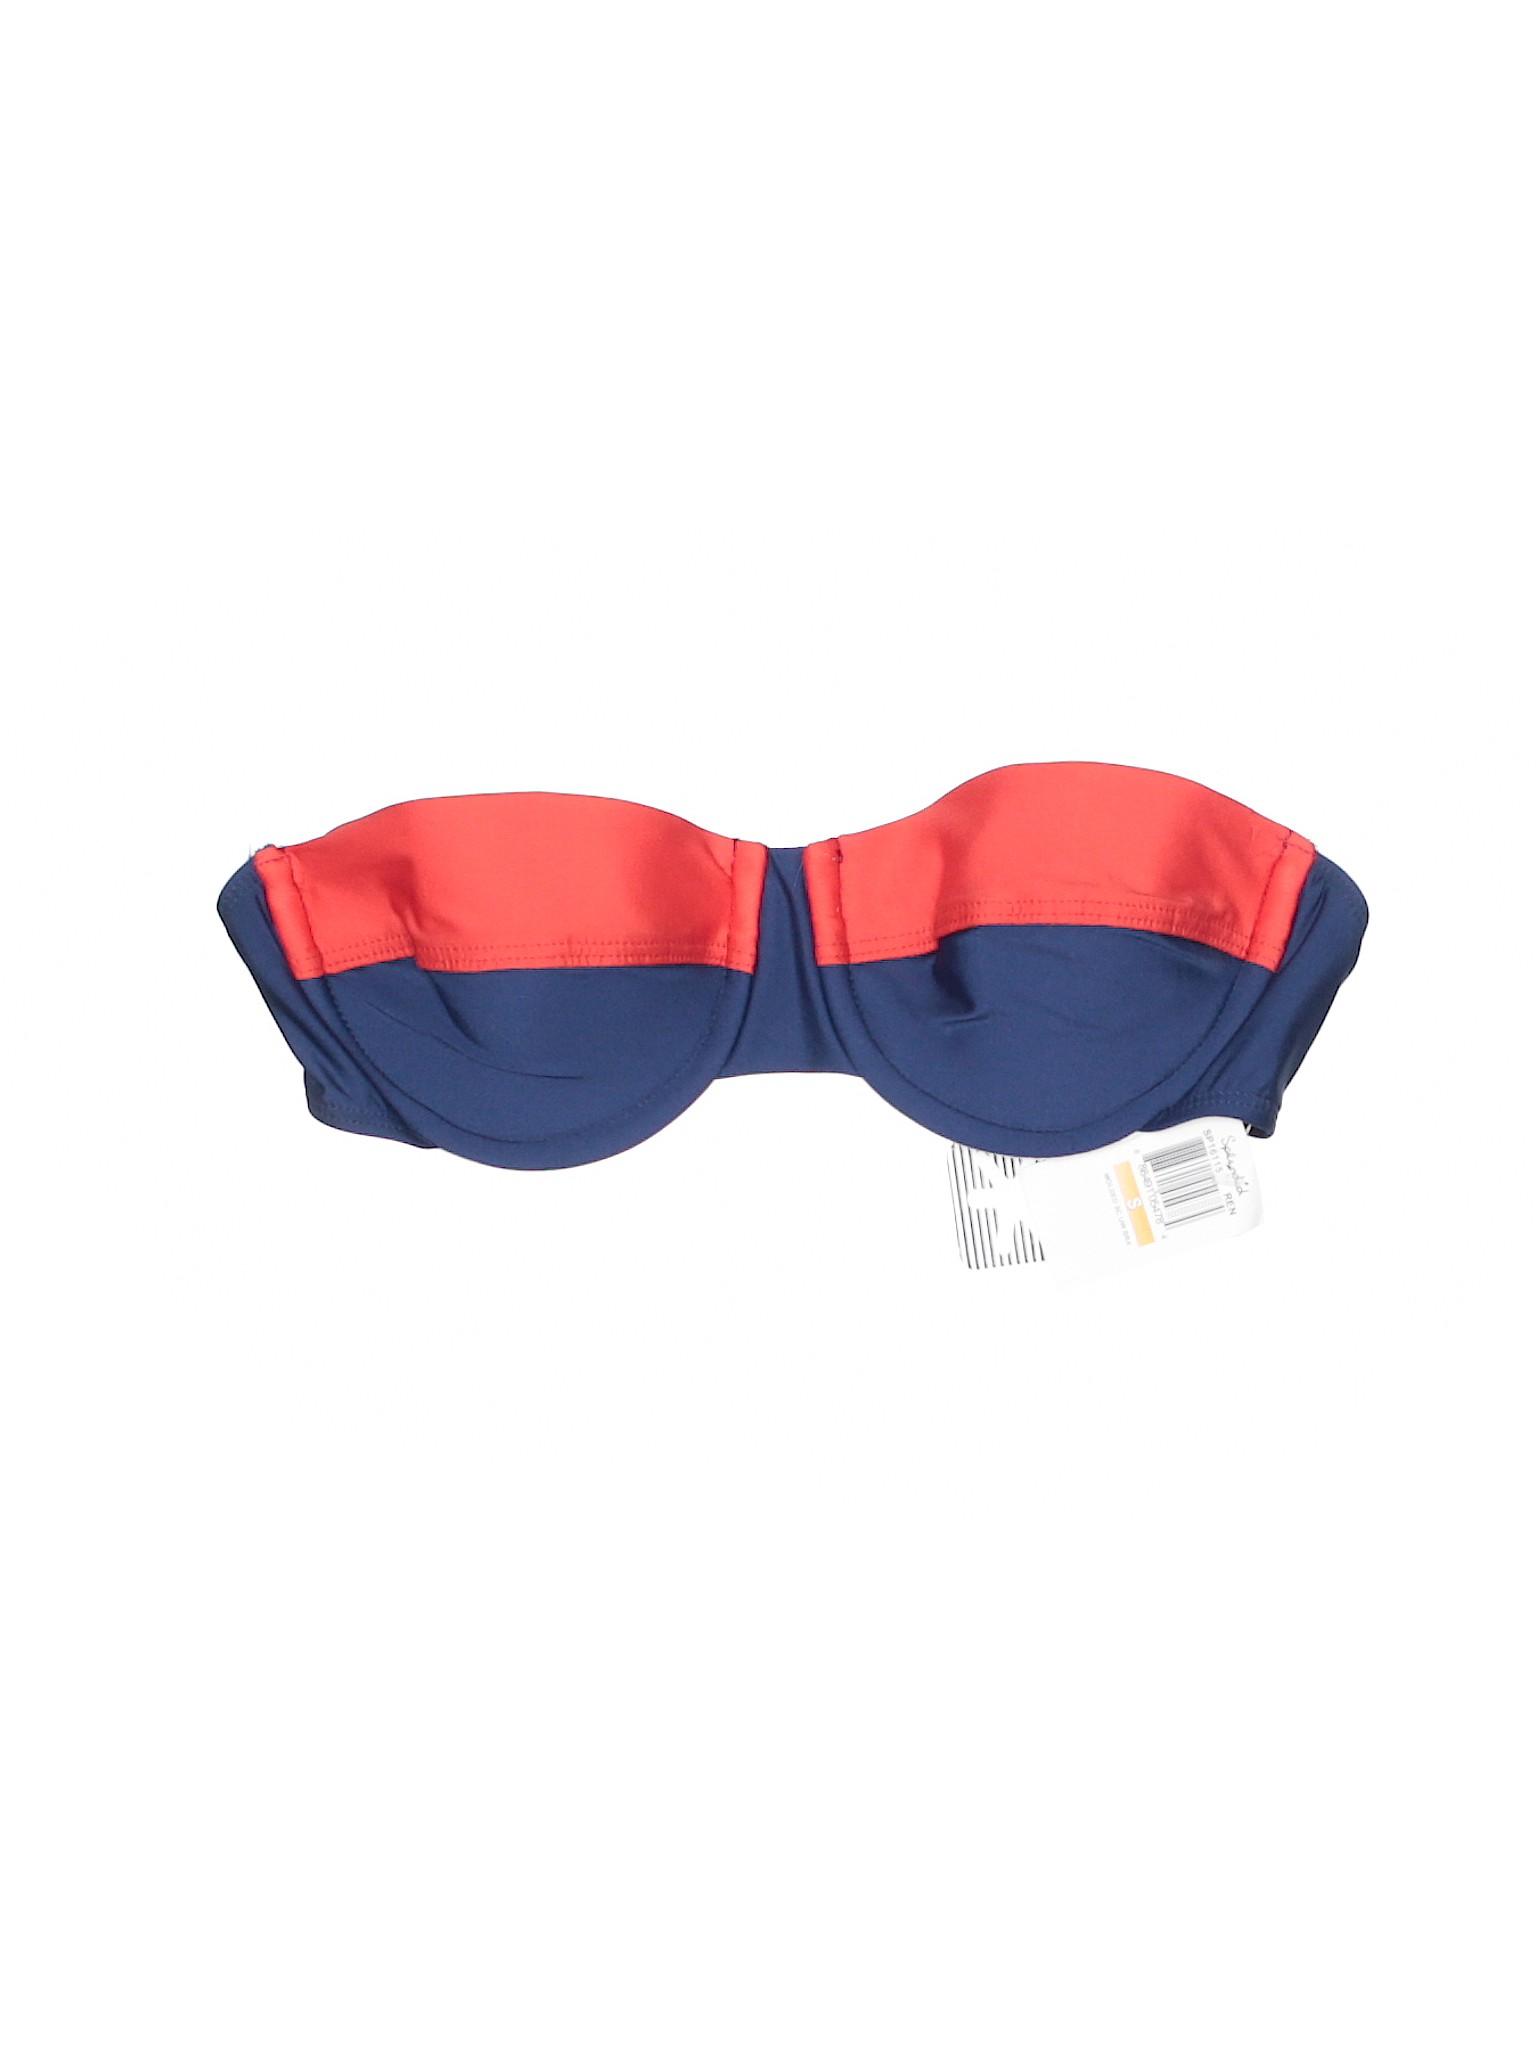 Top Boutique Splendid Splendid Boutique Top Splendid Swimsuit Boutique Swimsuit qvUCzv